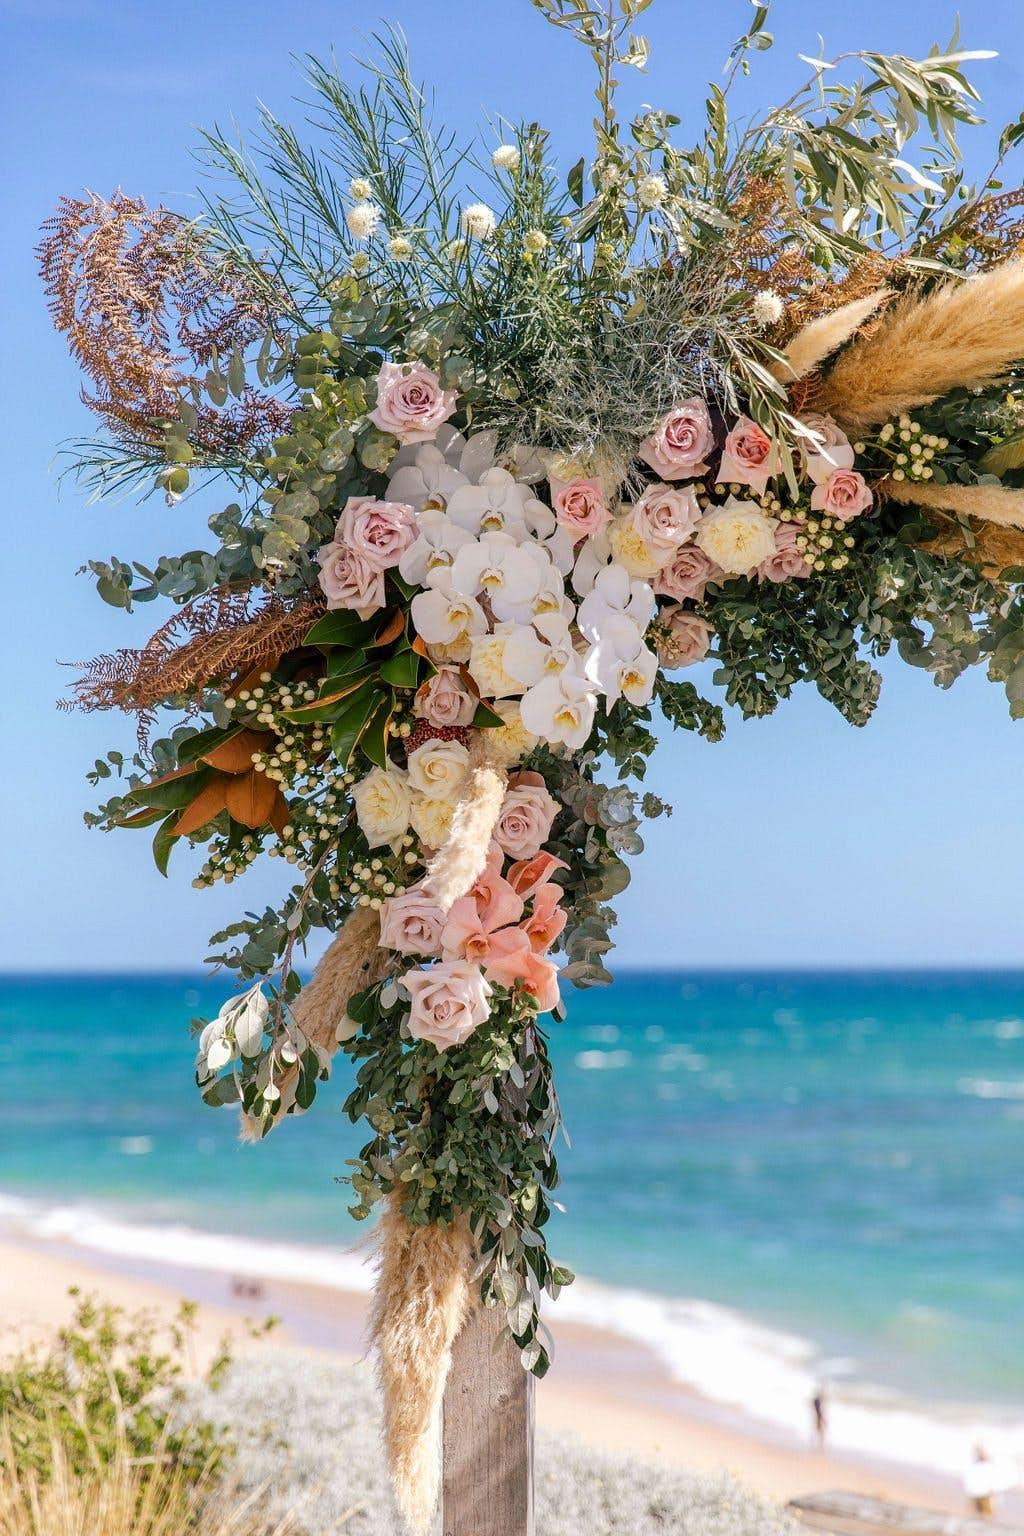 Mornington Peninsula Wedding All Smiles Sorrento - Mornington Peninsula Wedding Photographer